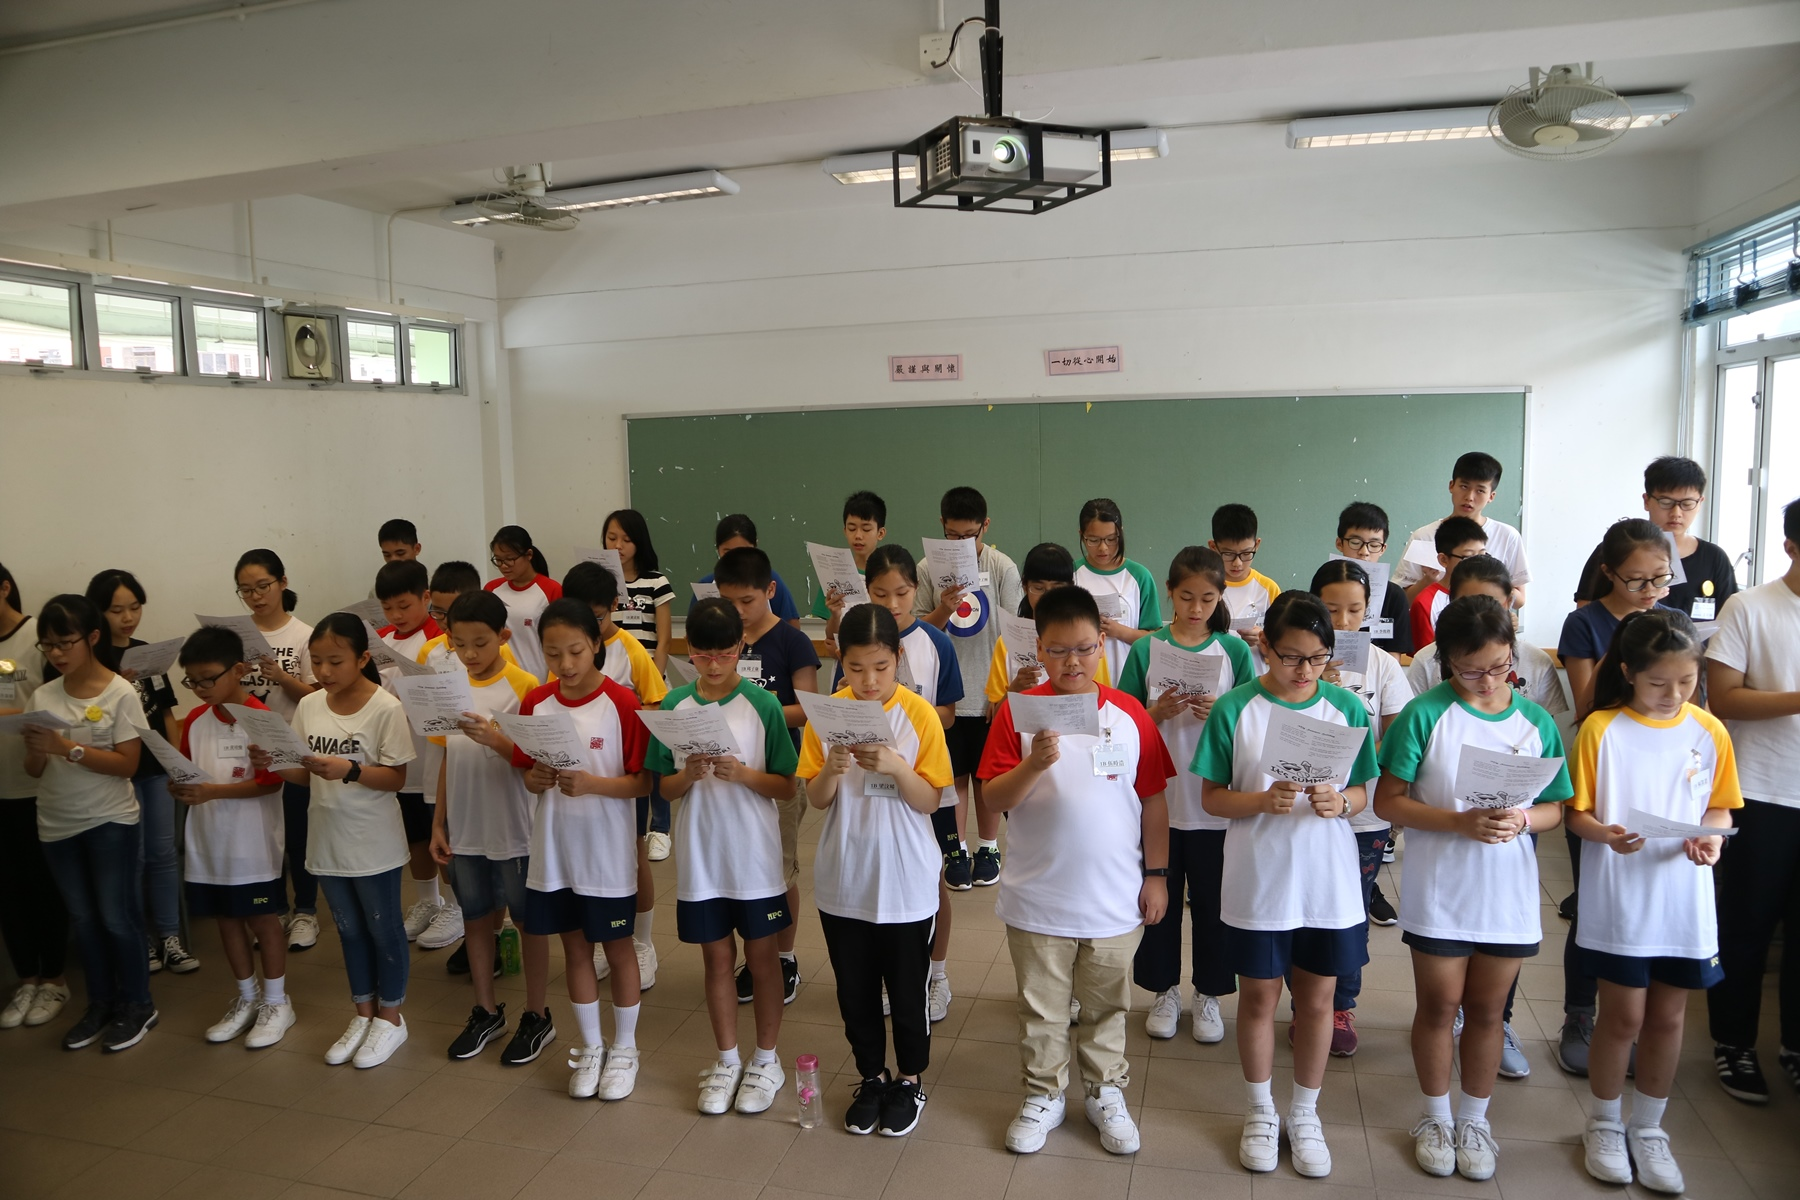 http://www.npc.edu.hk/sites/default/files/1b_zhong_ying_bing_chong_03.jpg